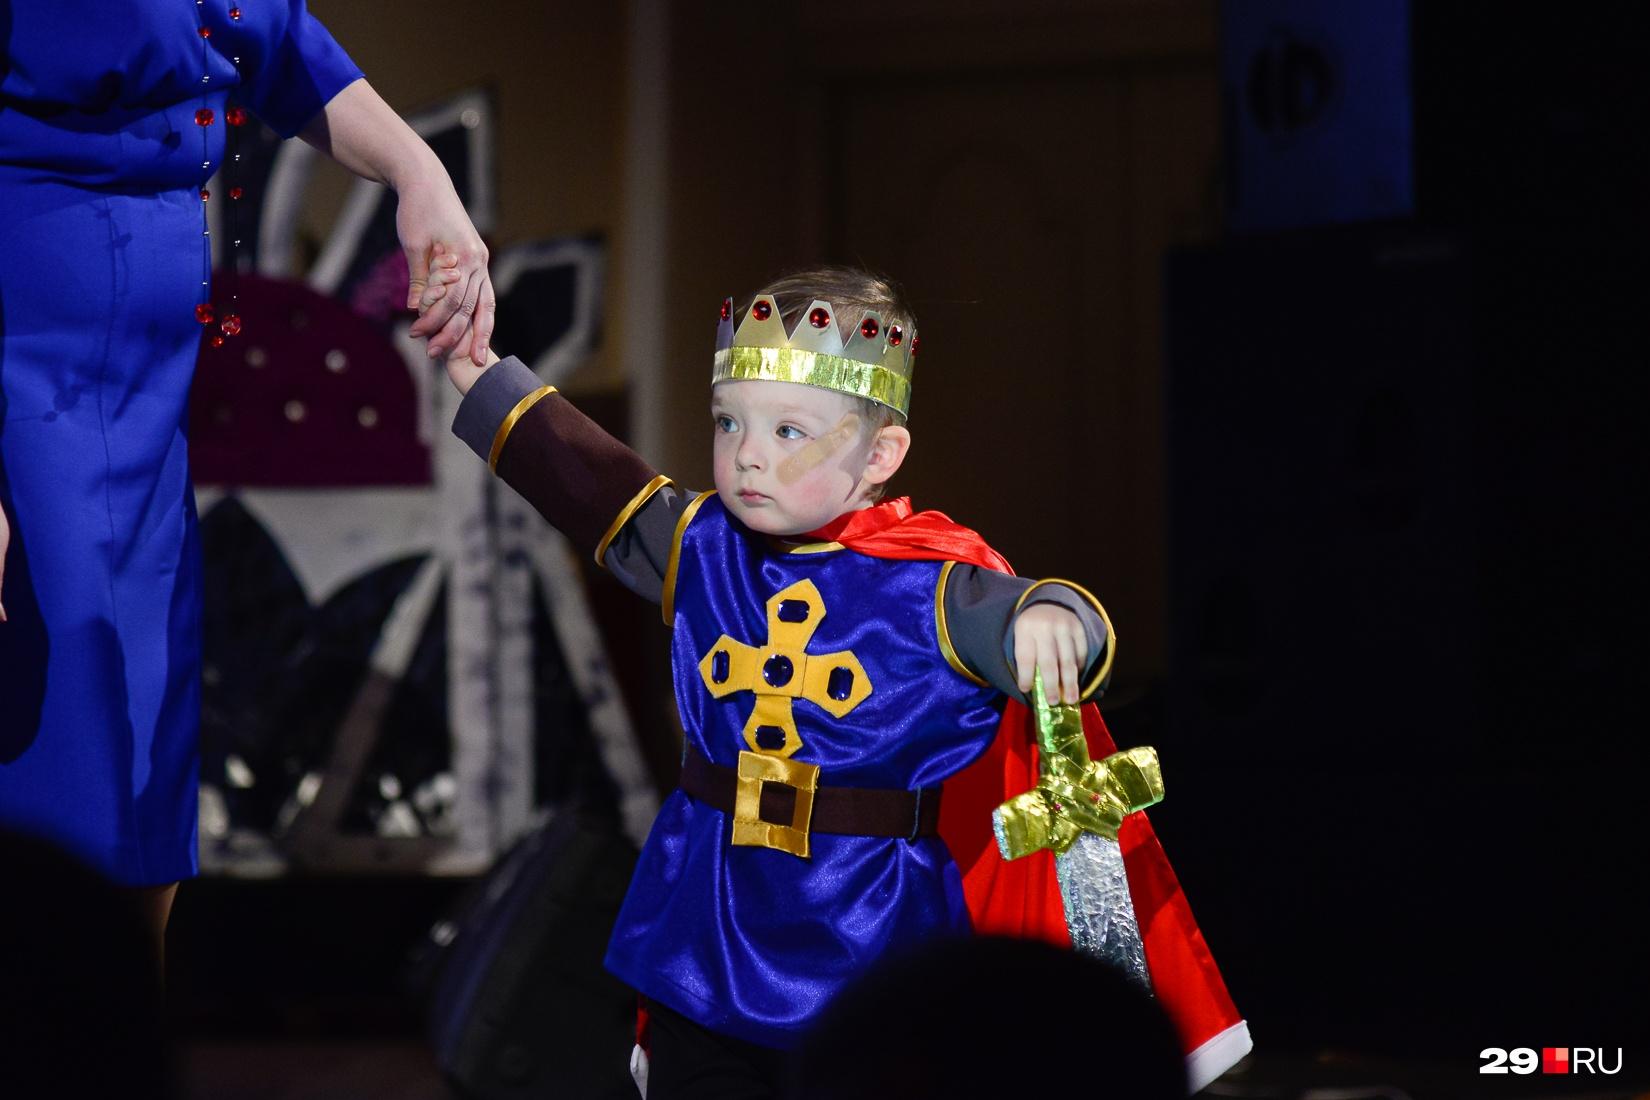 Маленький король Артур. Очень серьезный и воинственный